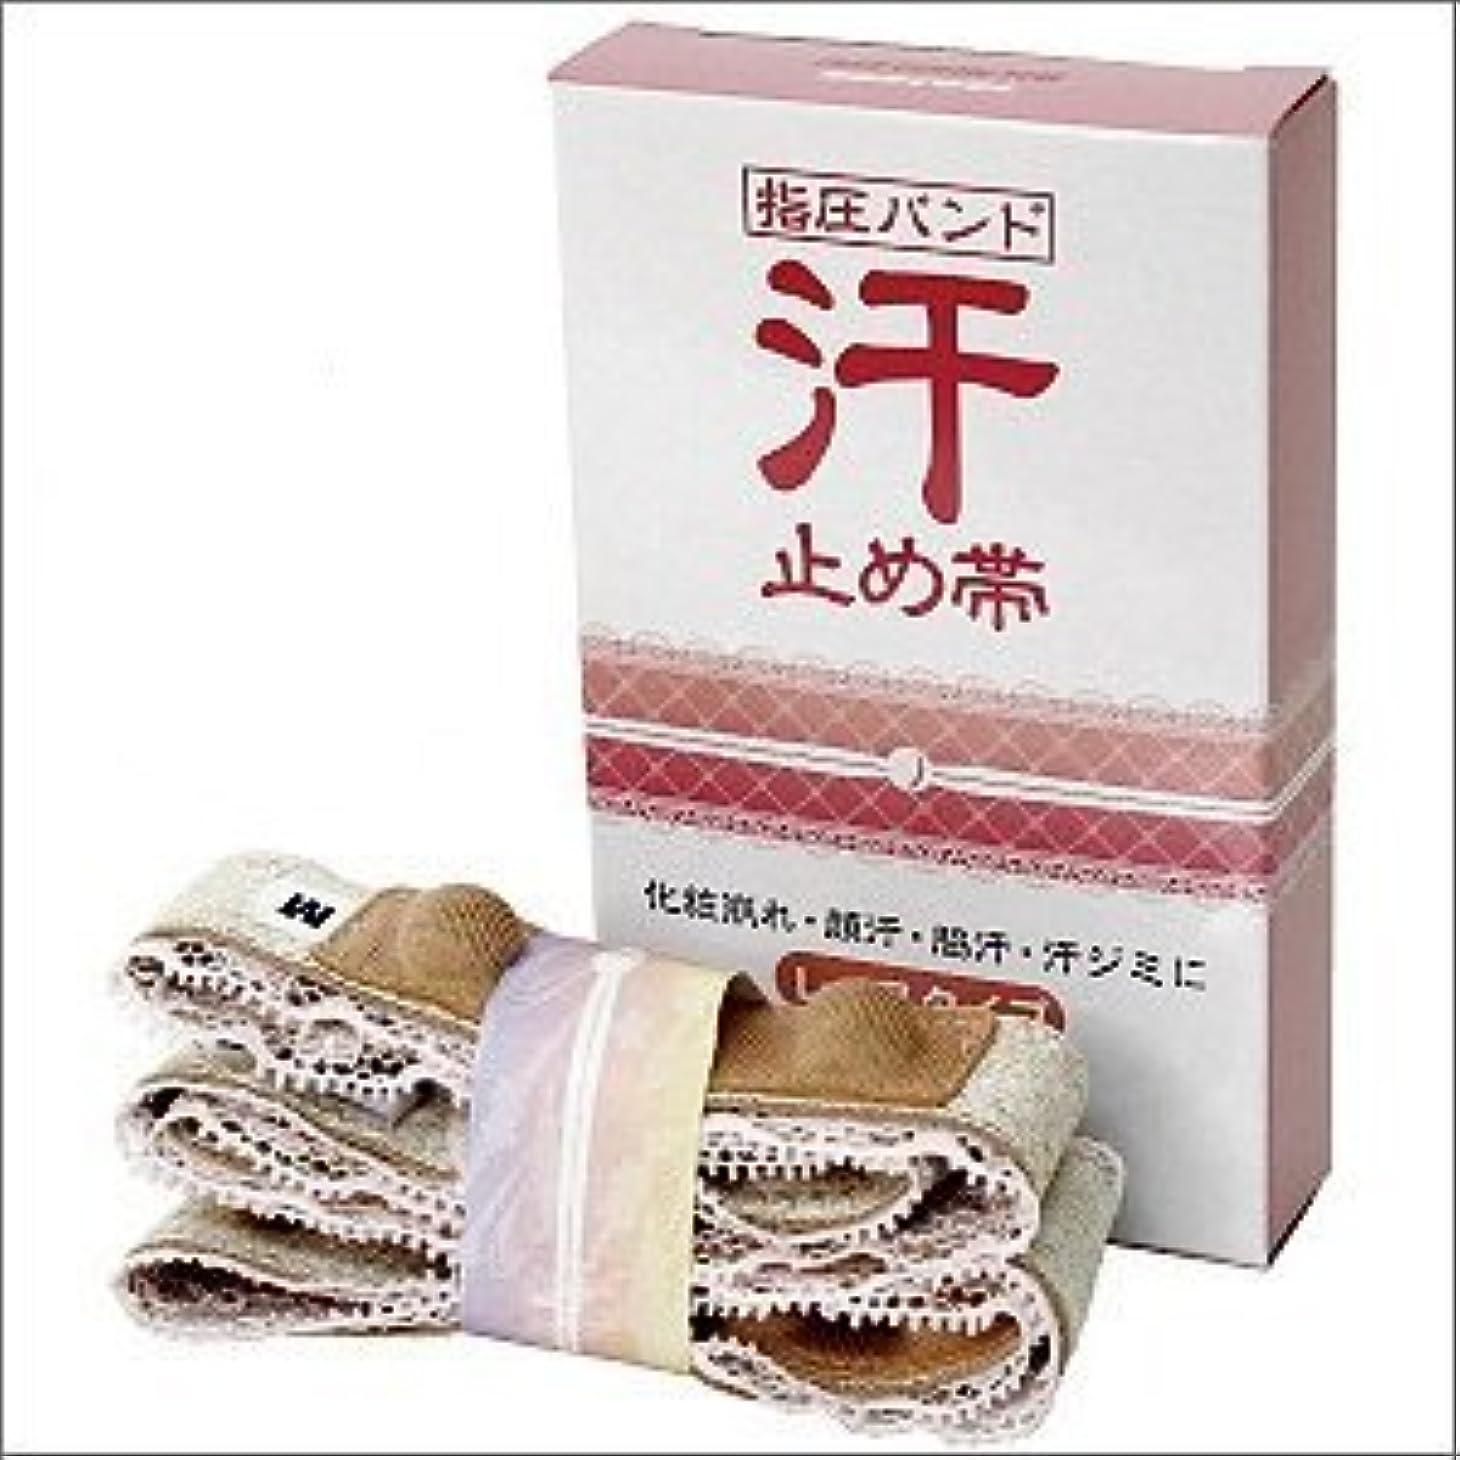 いたずら気難しい難しい汗止め帯 レースタイプ (XL(1050~1150mm), ピンク)